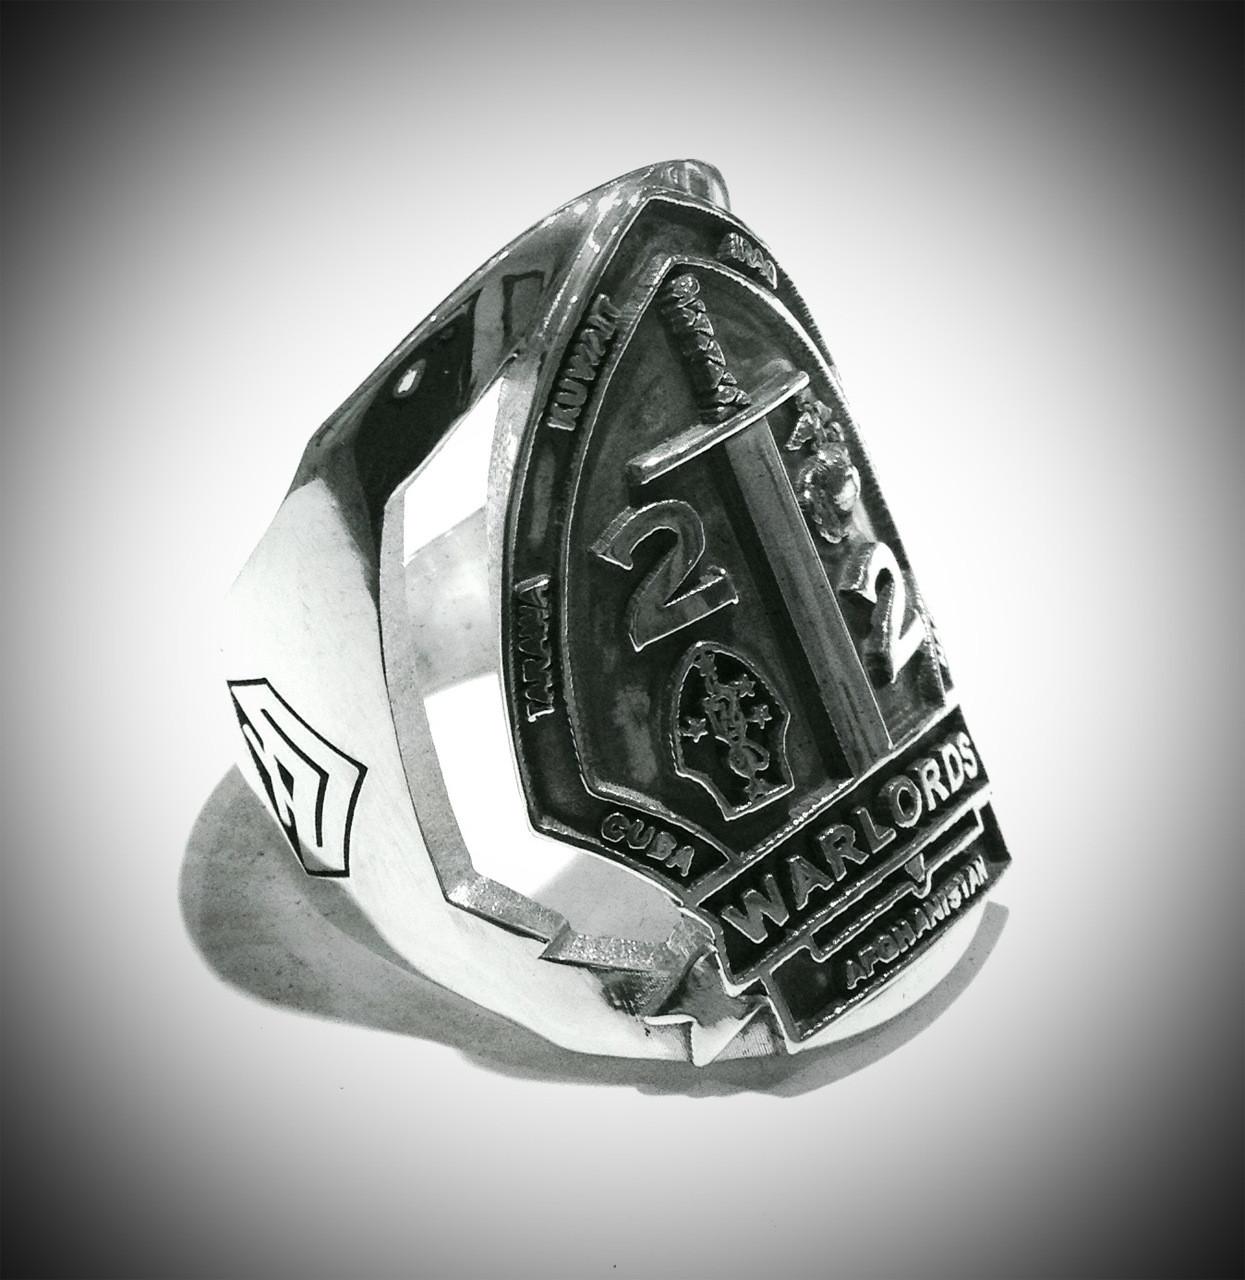 Custom Design USMC 2 2 Warlords Ring